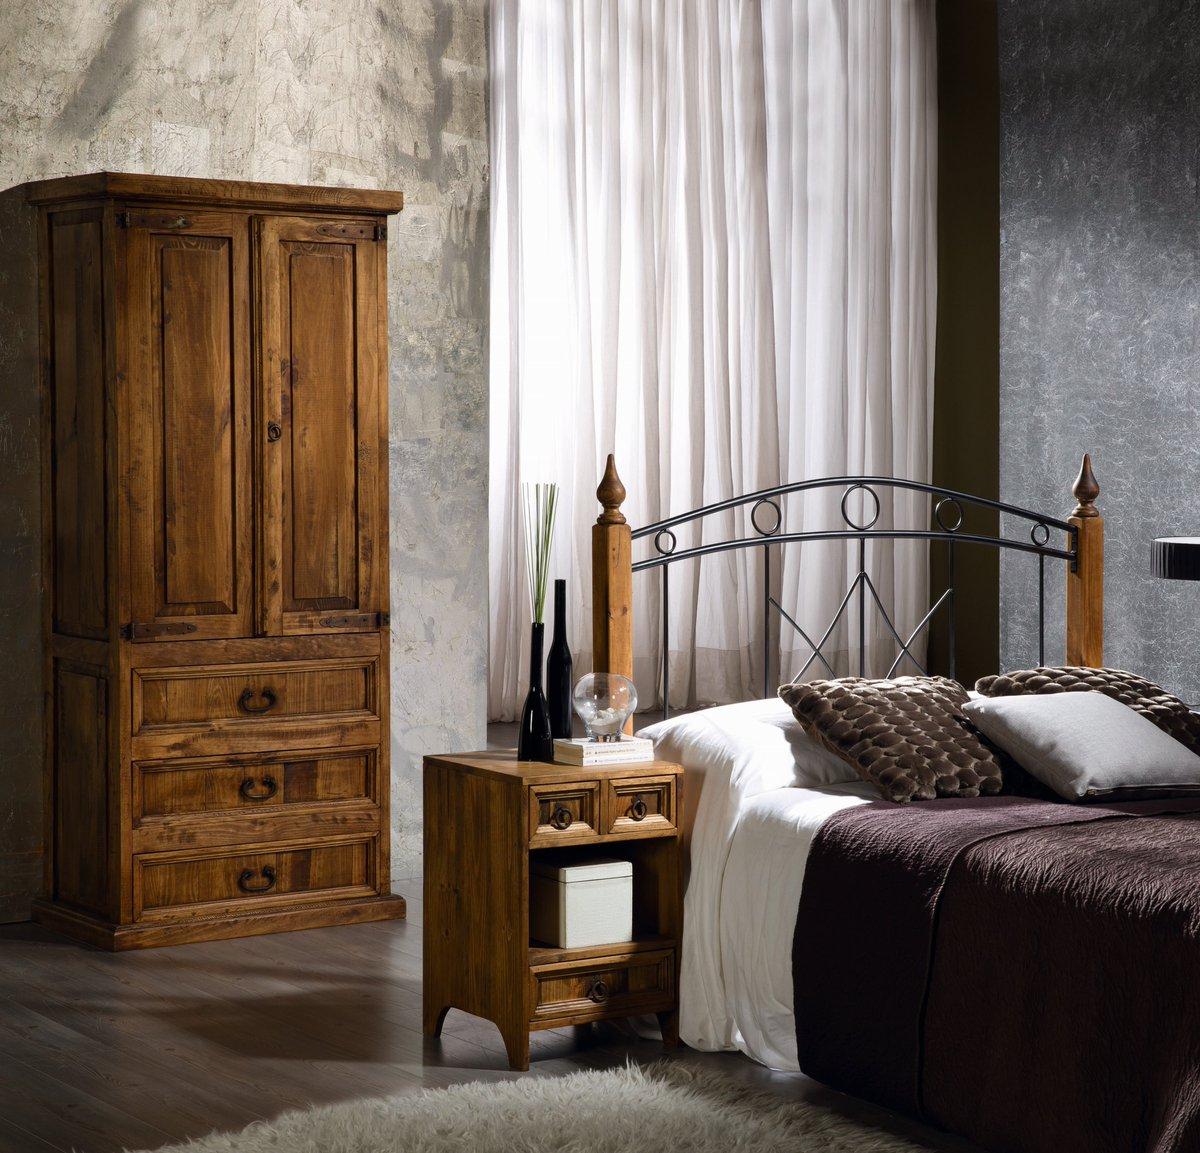 Myoc mueble r stico myocmuebles twitter - Muebles de madera rusticos ...